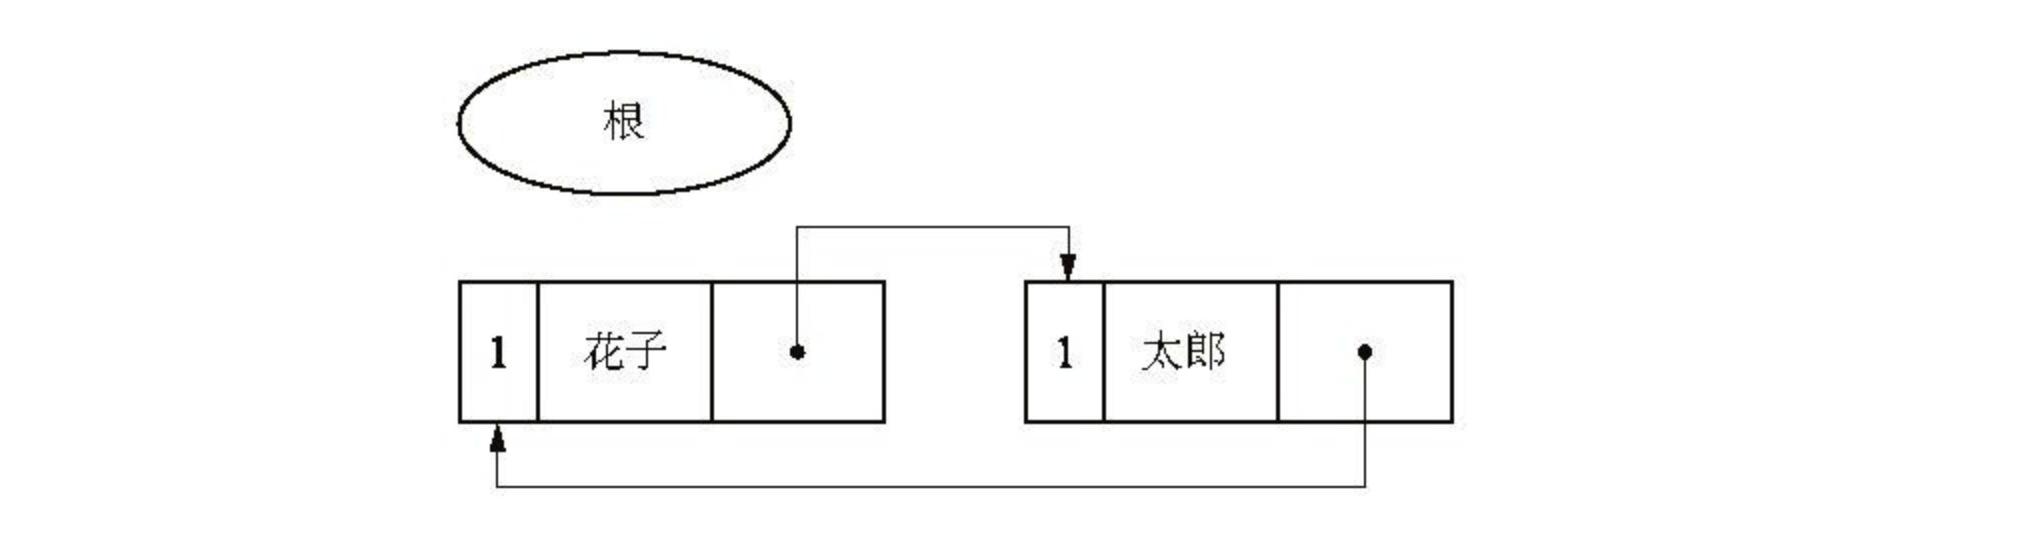 循环引用对象